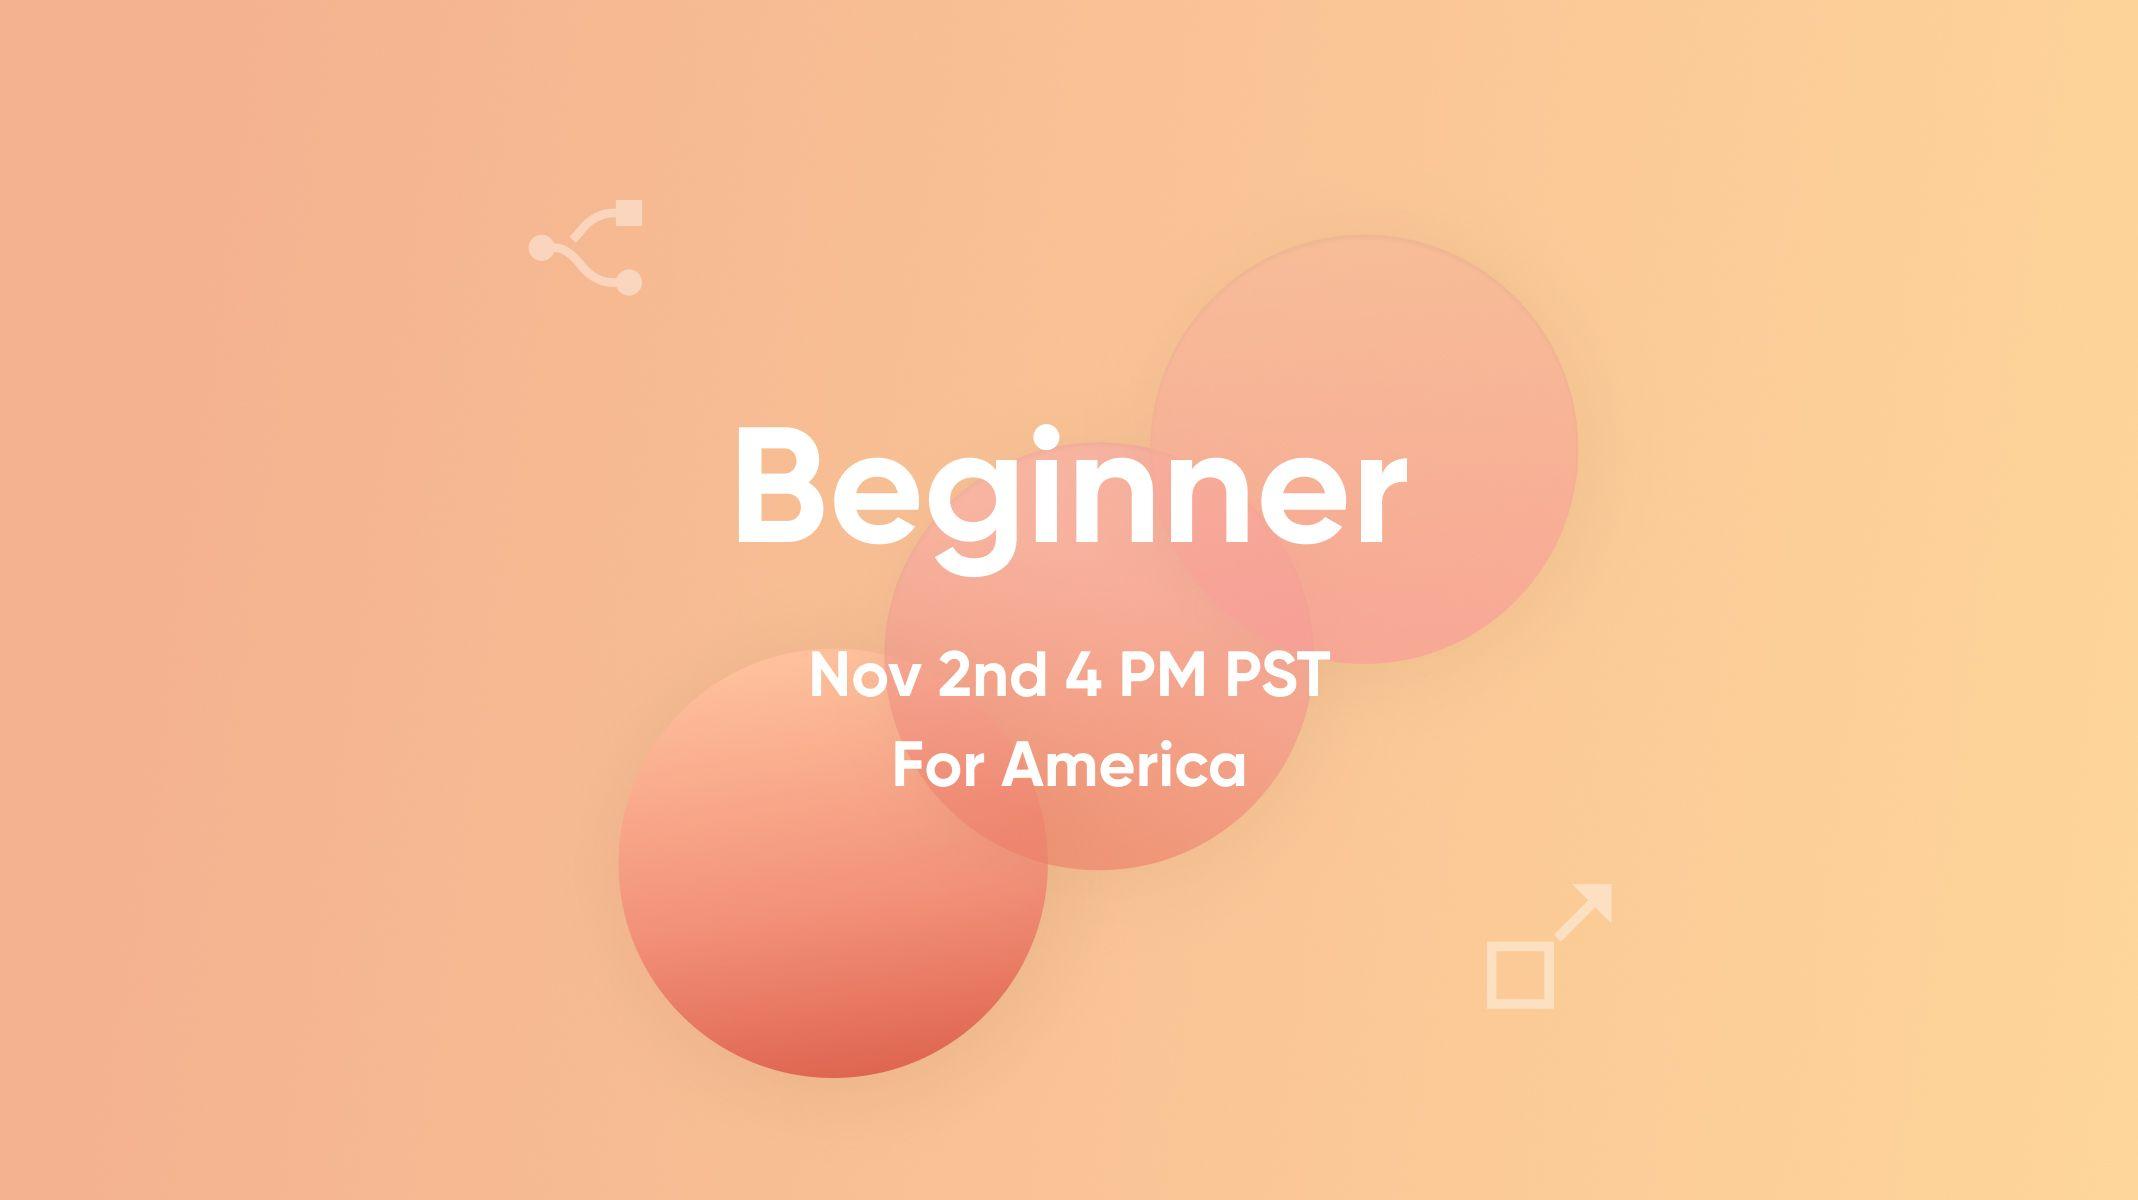 ProtoPie Beginner Workshop for America Thumbnail